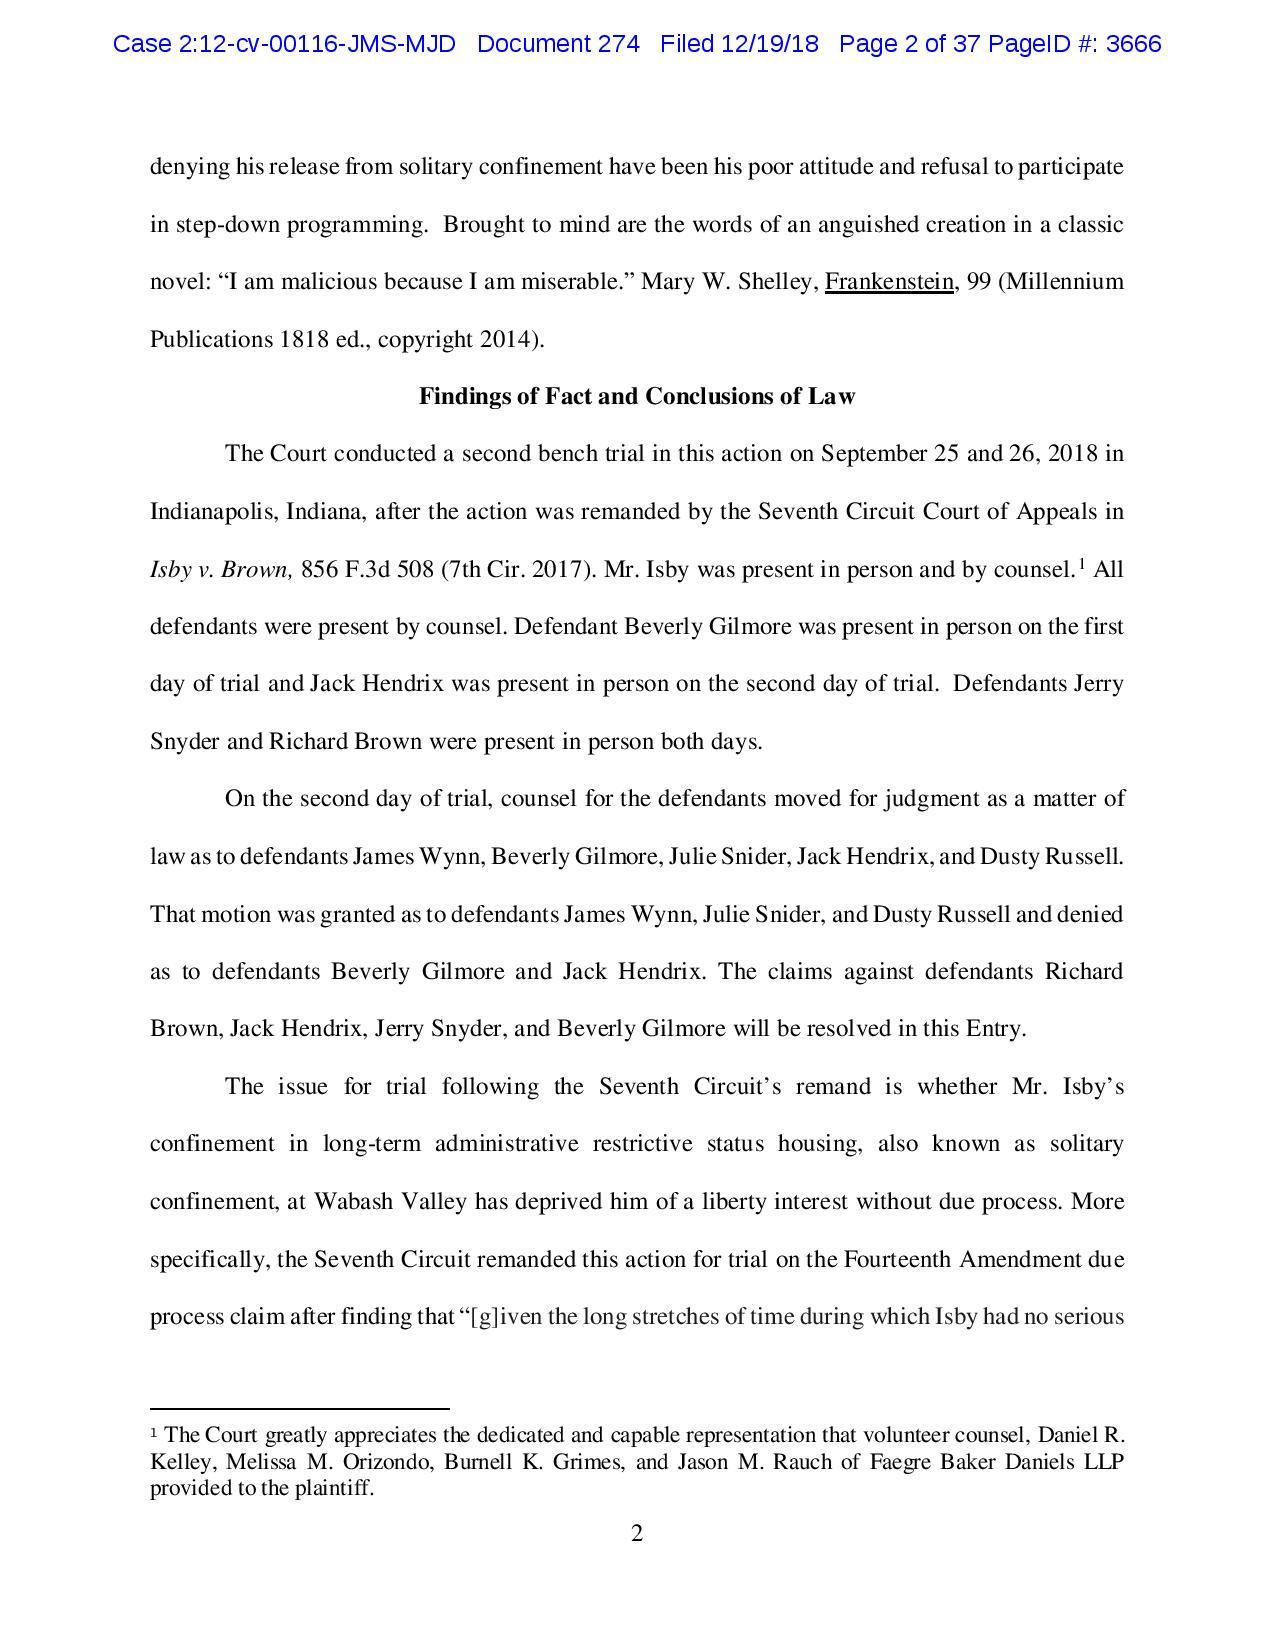 2018-12-19 274 ORDER-page-002.jpg